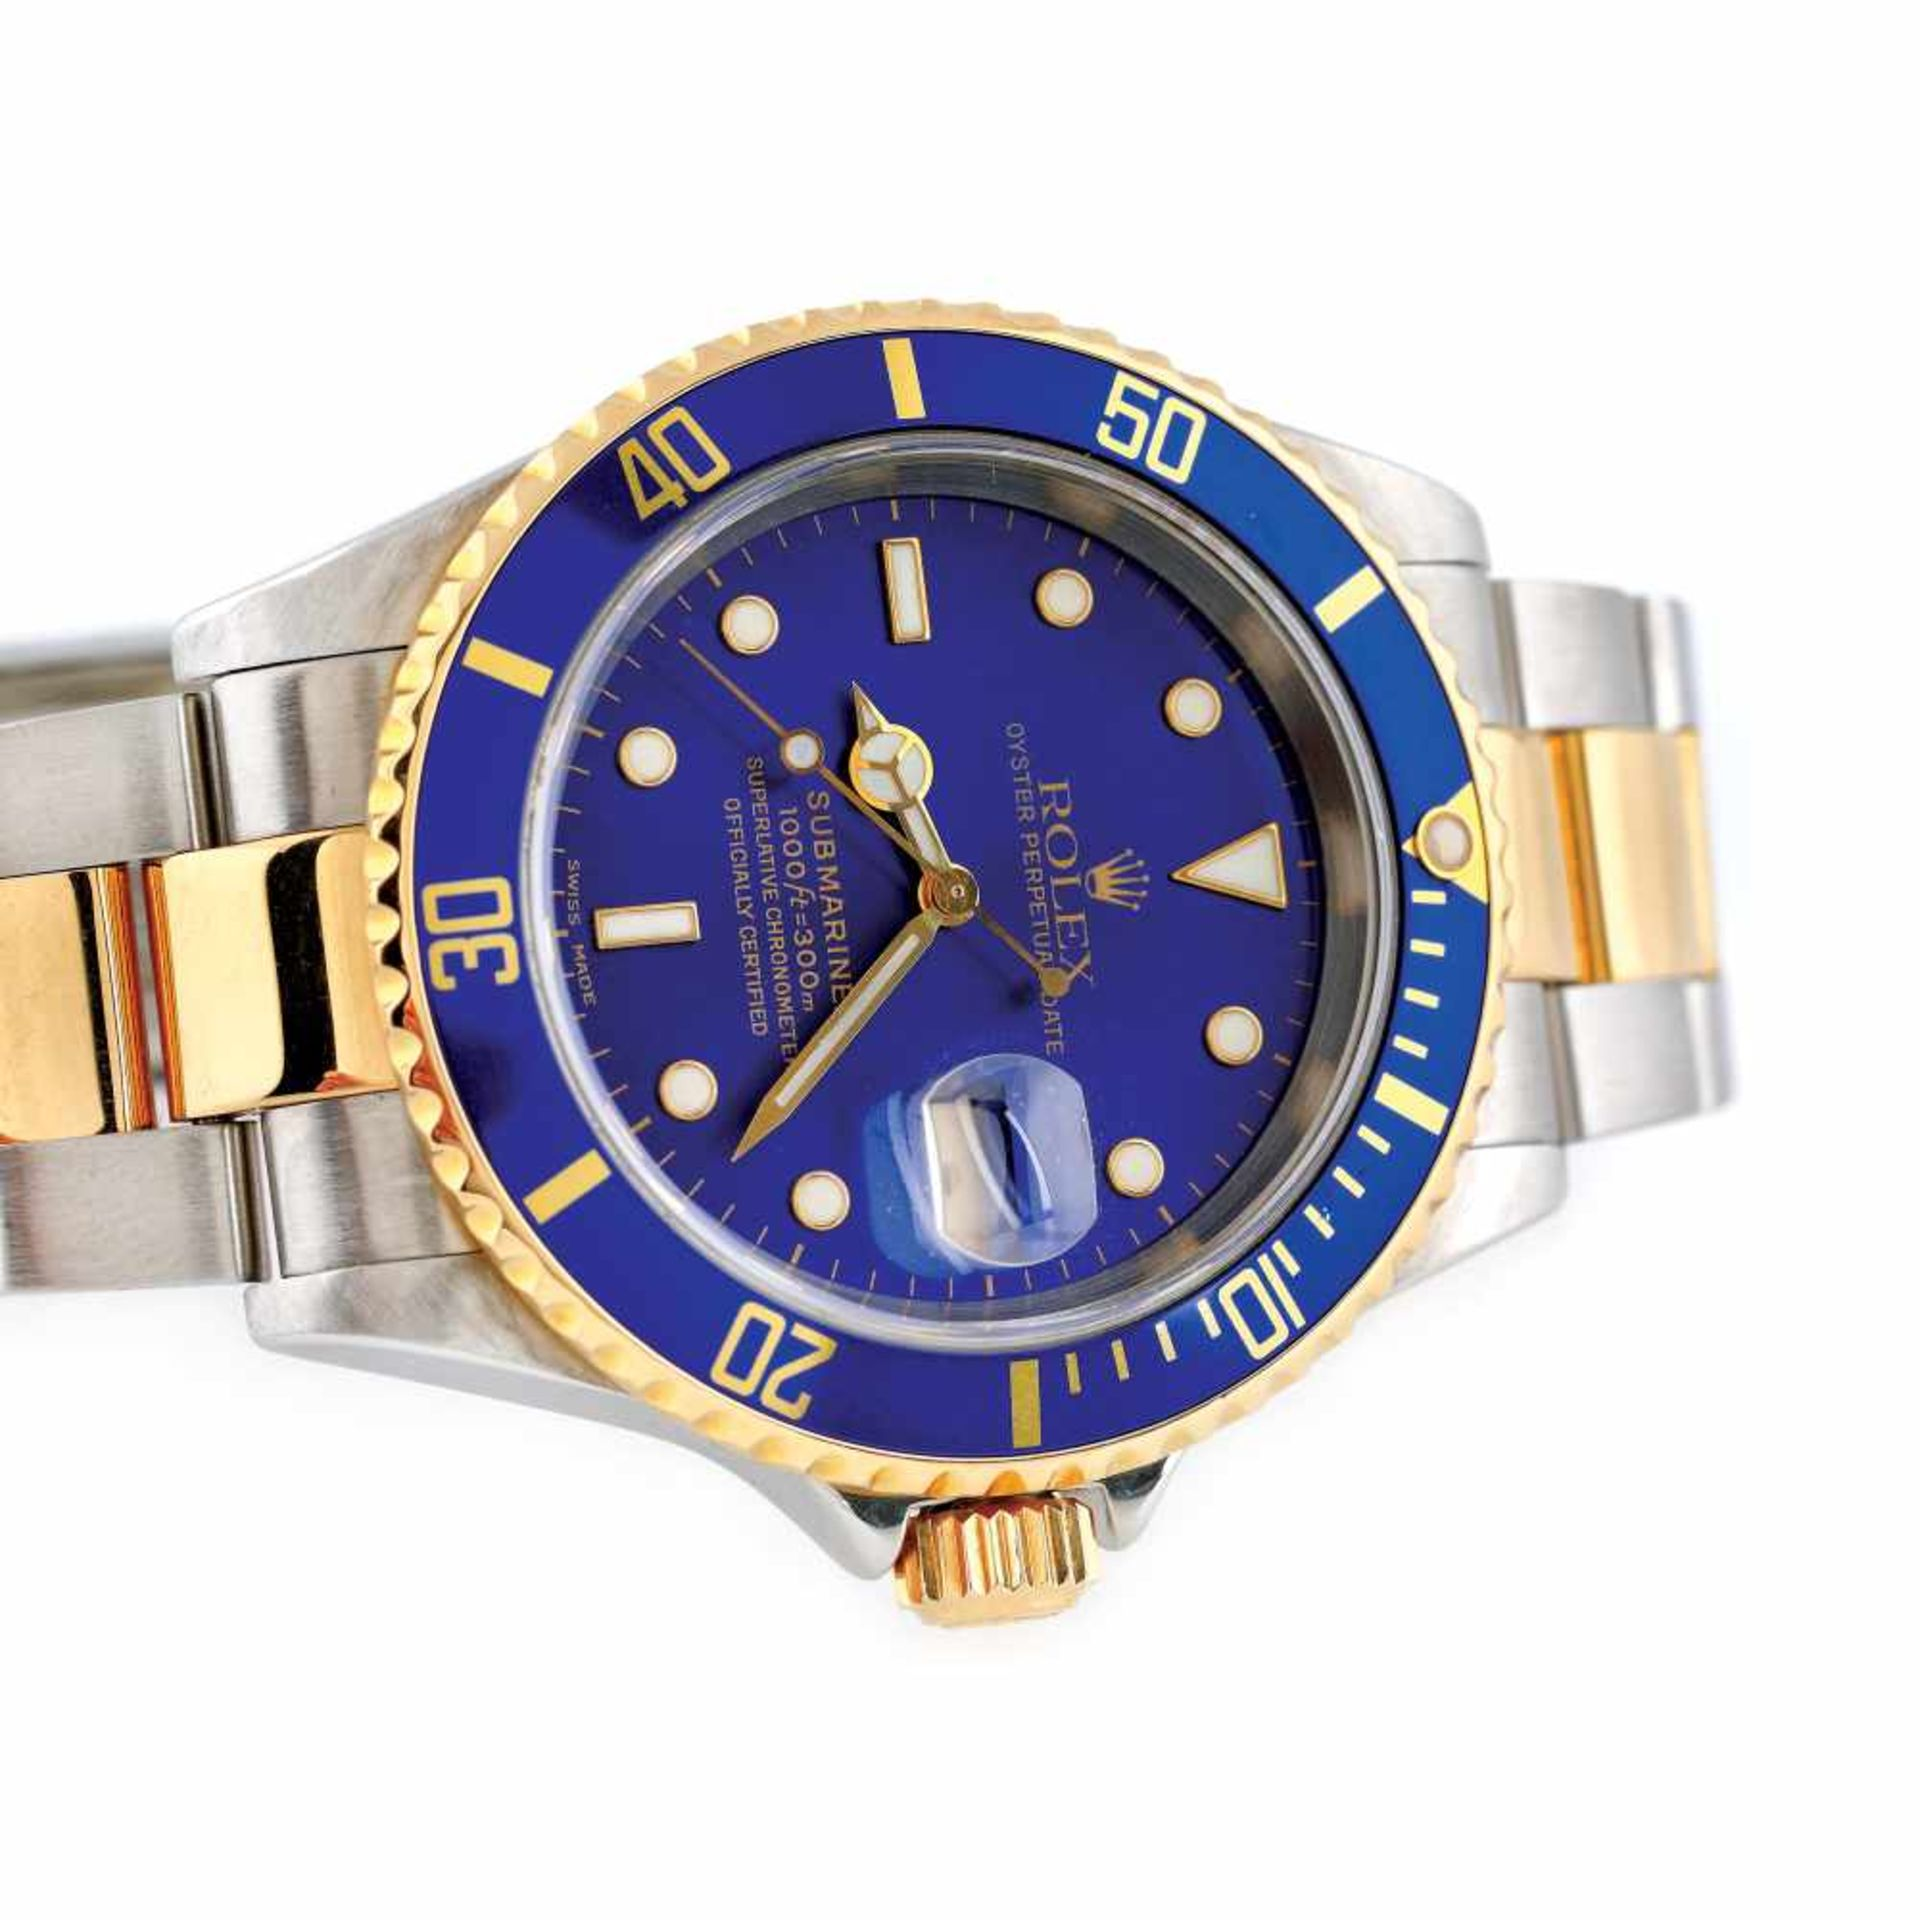 Rolex Submariner wristwatch, gold and steel, men - Bild 3 aus 3